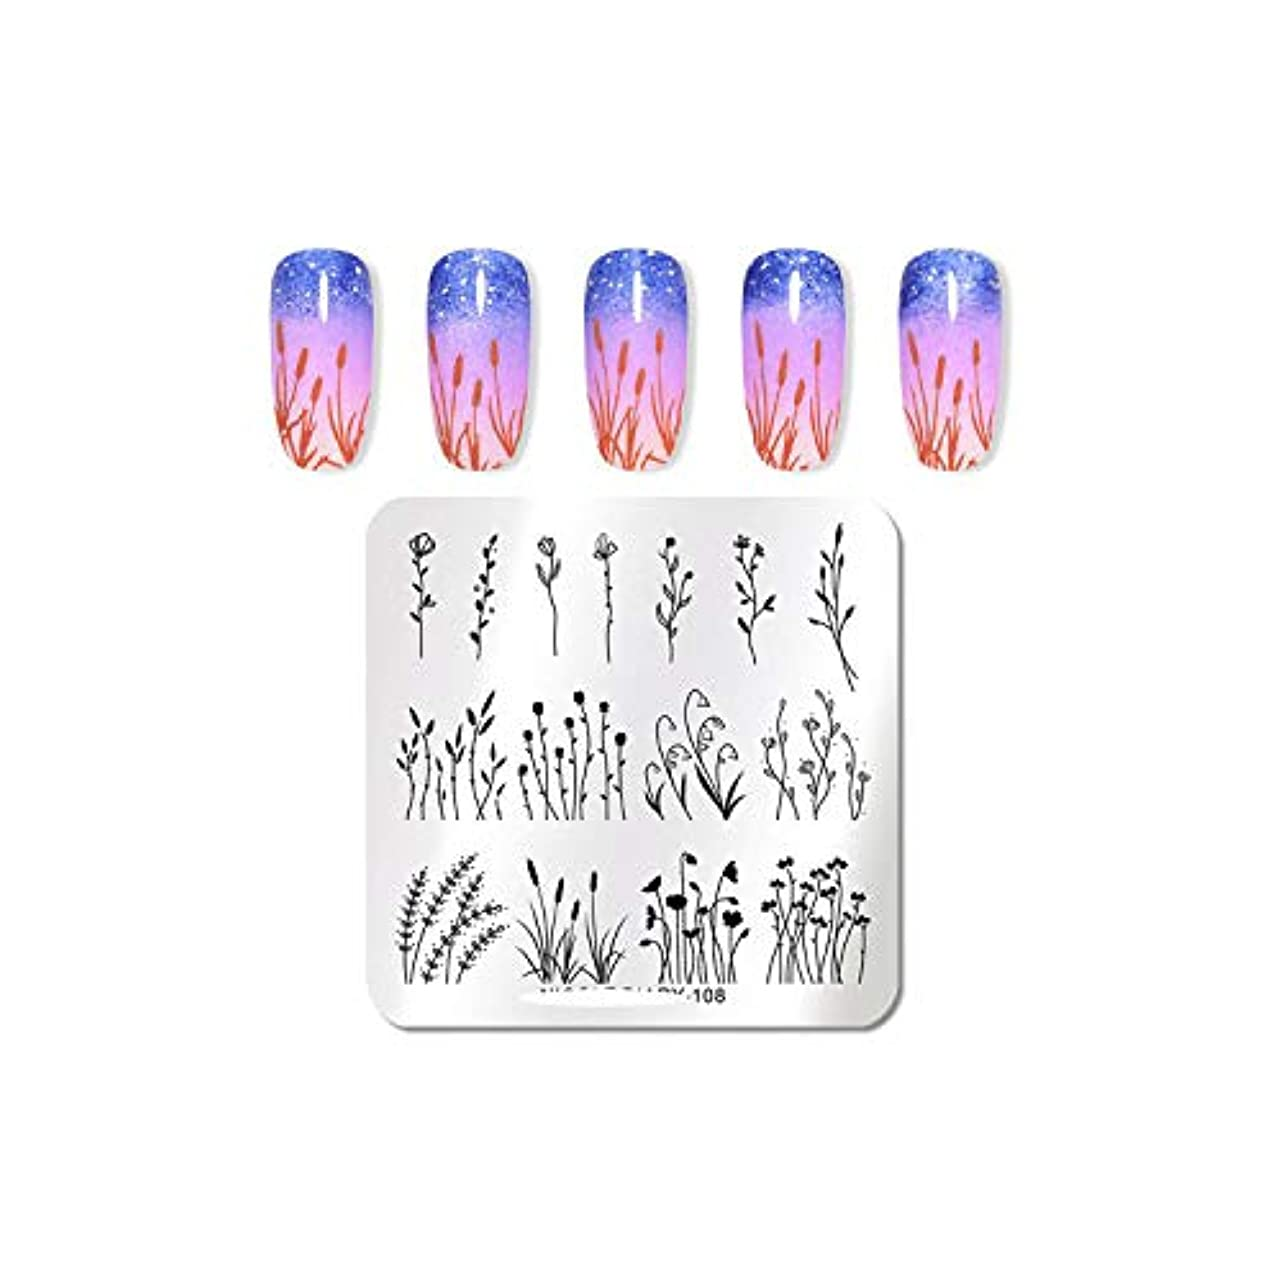 男やもめはさみ強化AKIROKハロウィンネイルスタンピングプレートフラワースネークスキンネイルテンプレートスタンプネイルアートスタンプ画像テンプレートネイルアートステンシル,ND-108